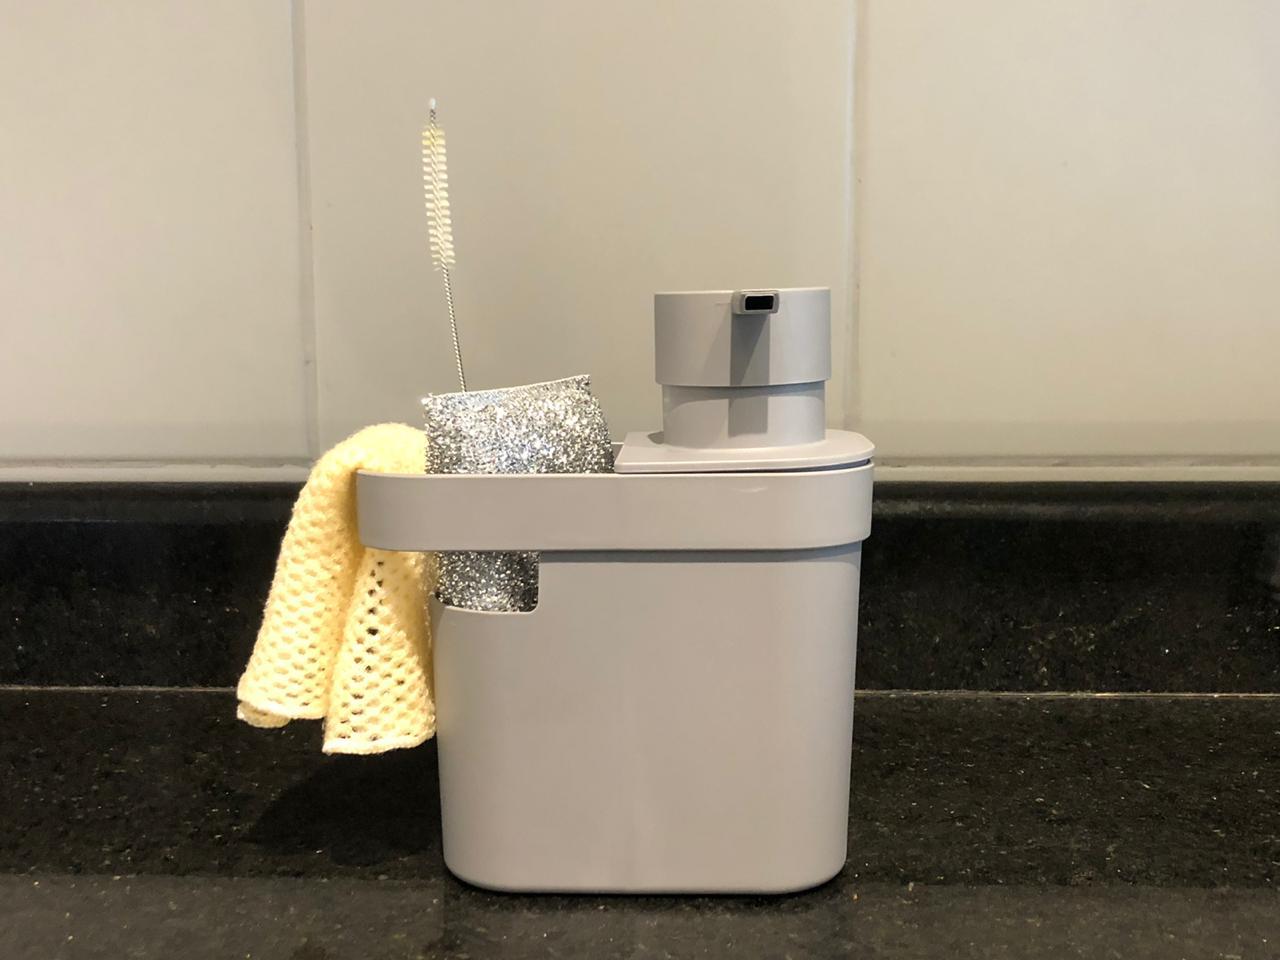 Porta detergente e esponja para pia de cozinha